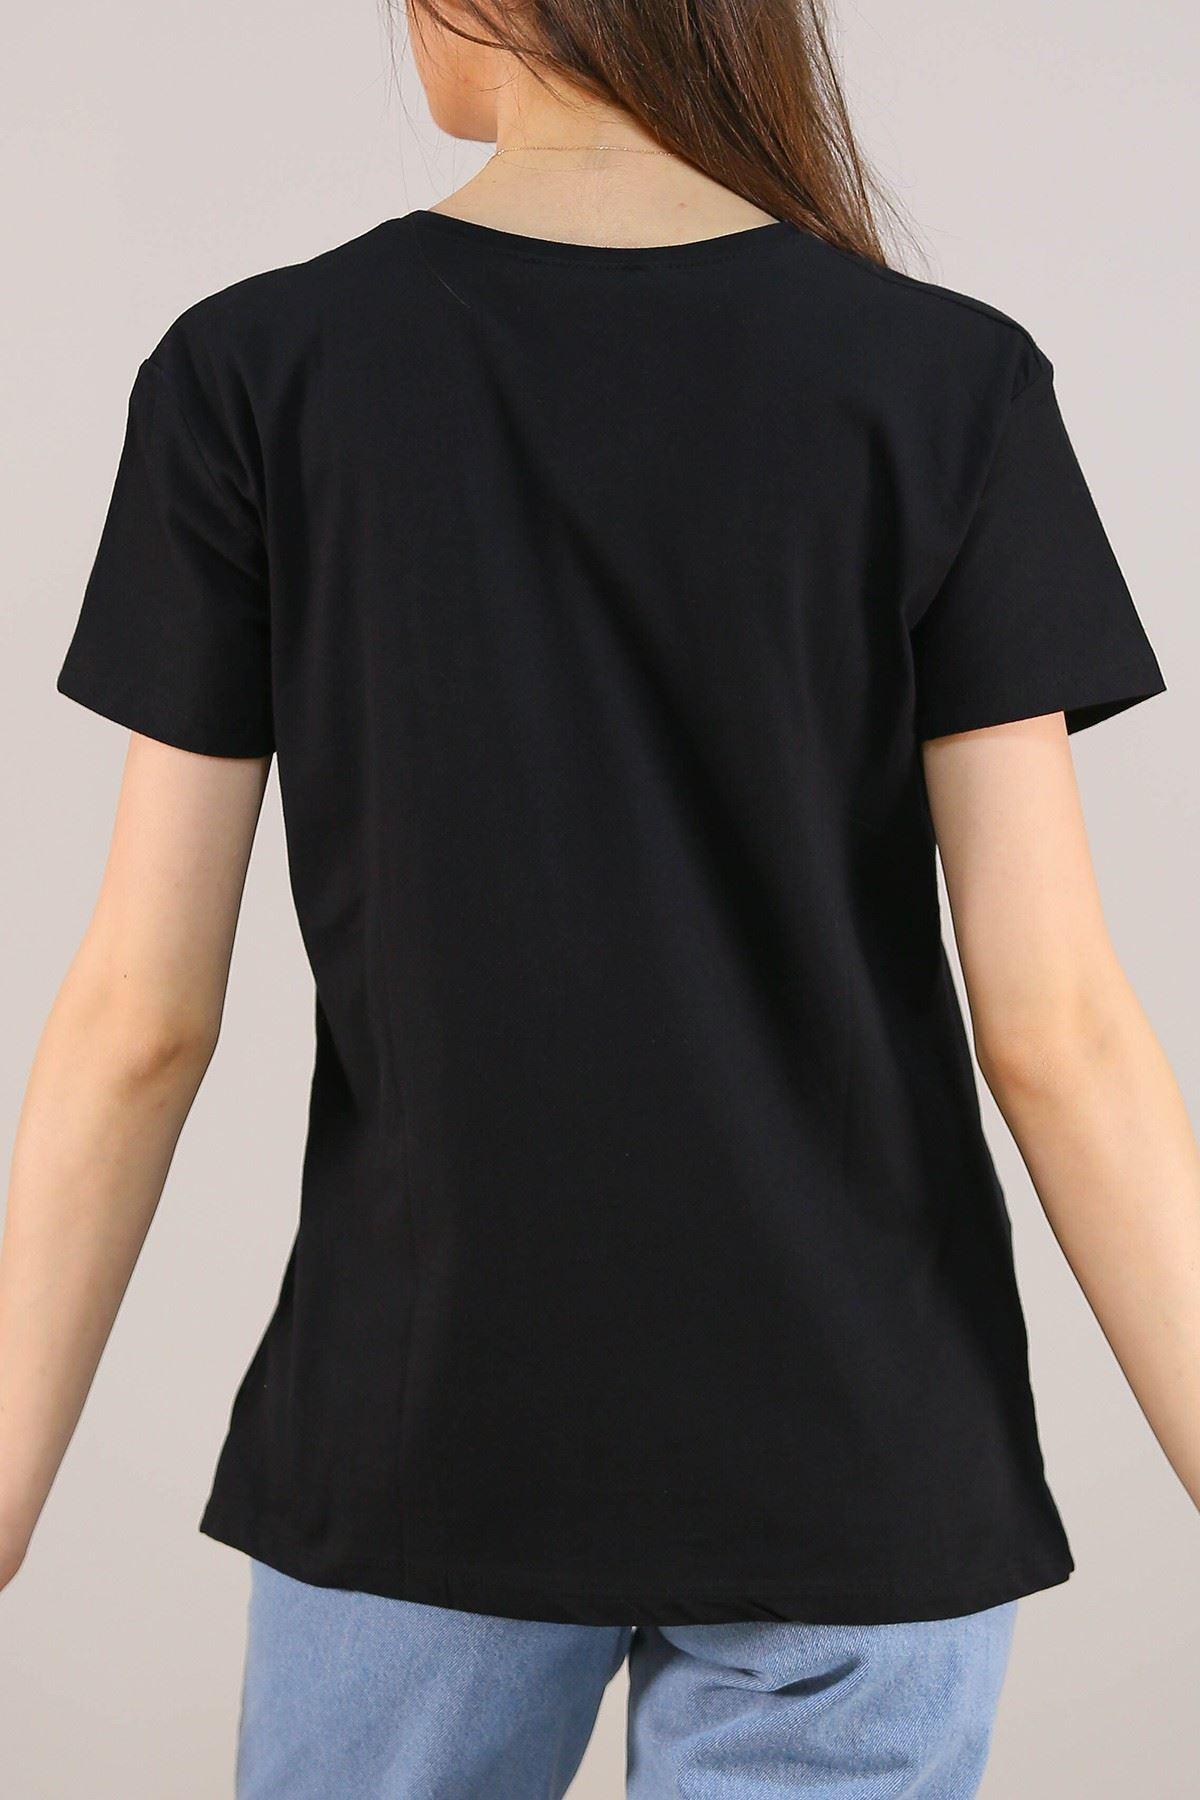 Baskılı Tişört Siyah - 5009.336.